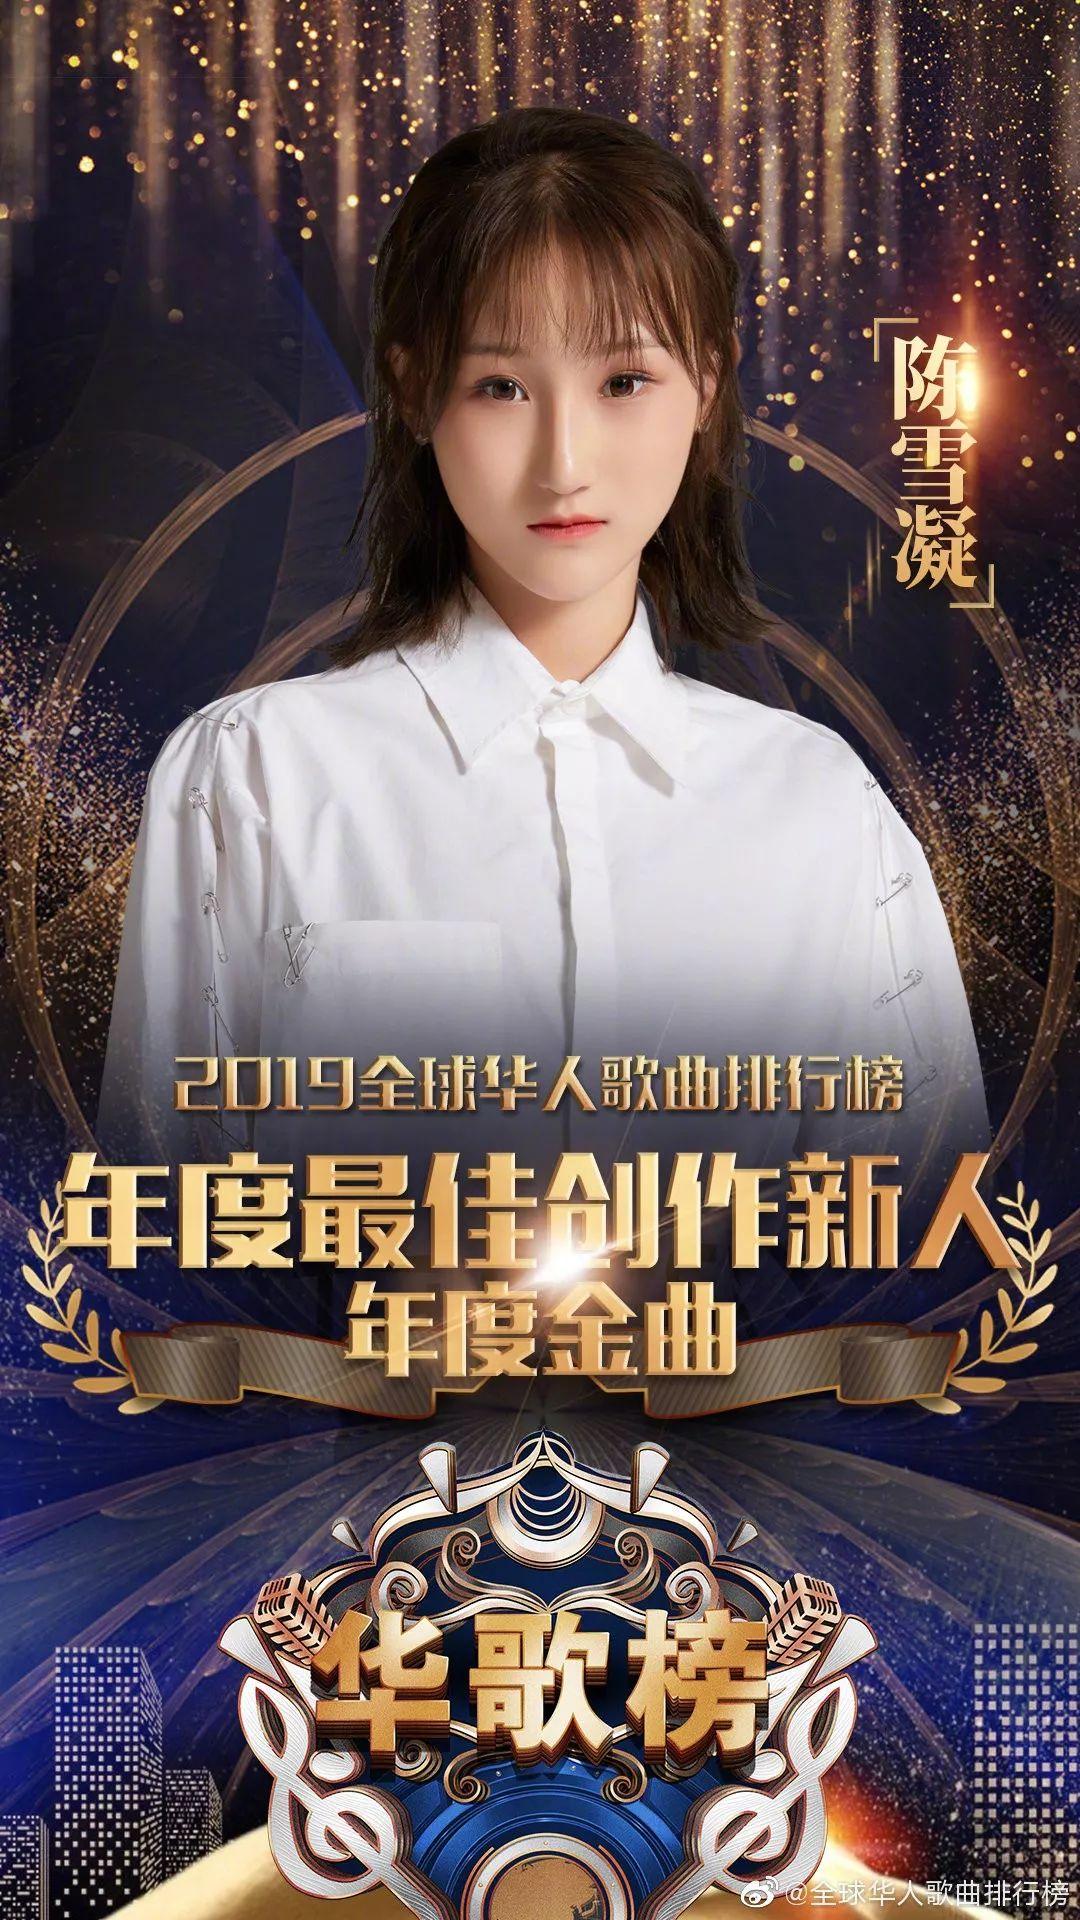 2019新歌音乐排行榜_2019快手歌曲排行榜是什么